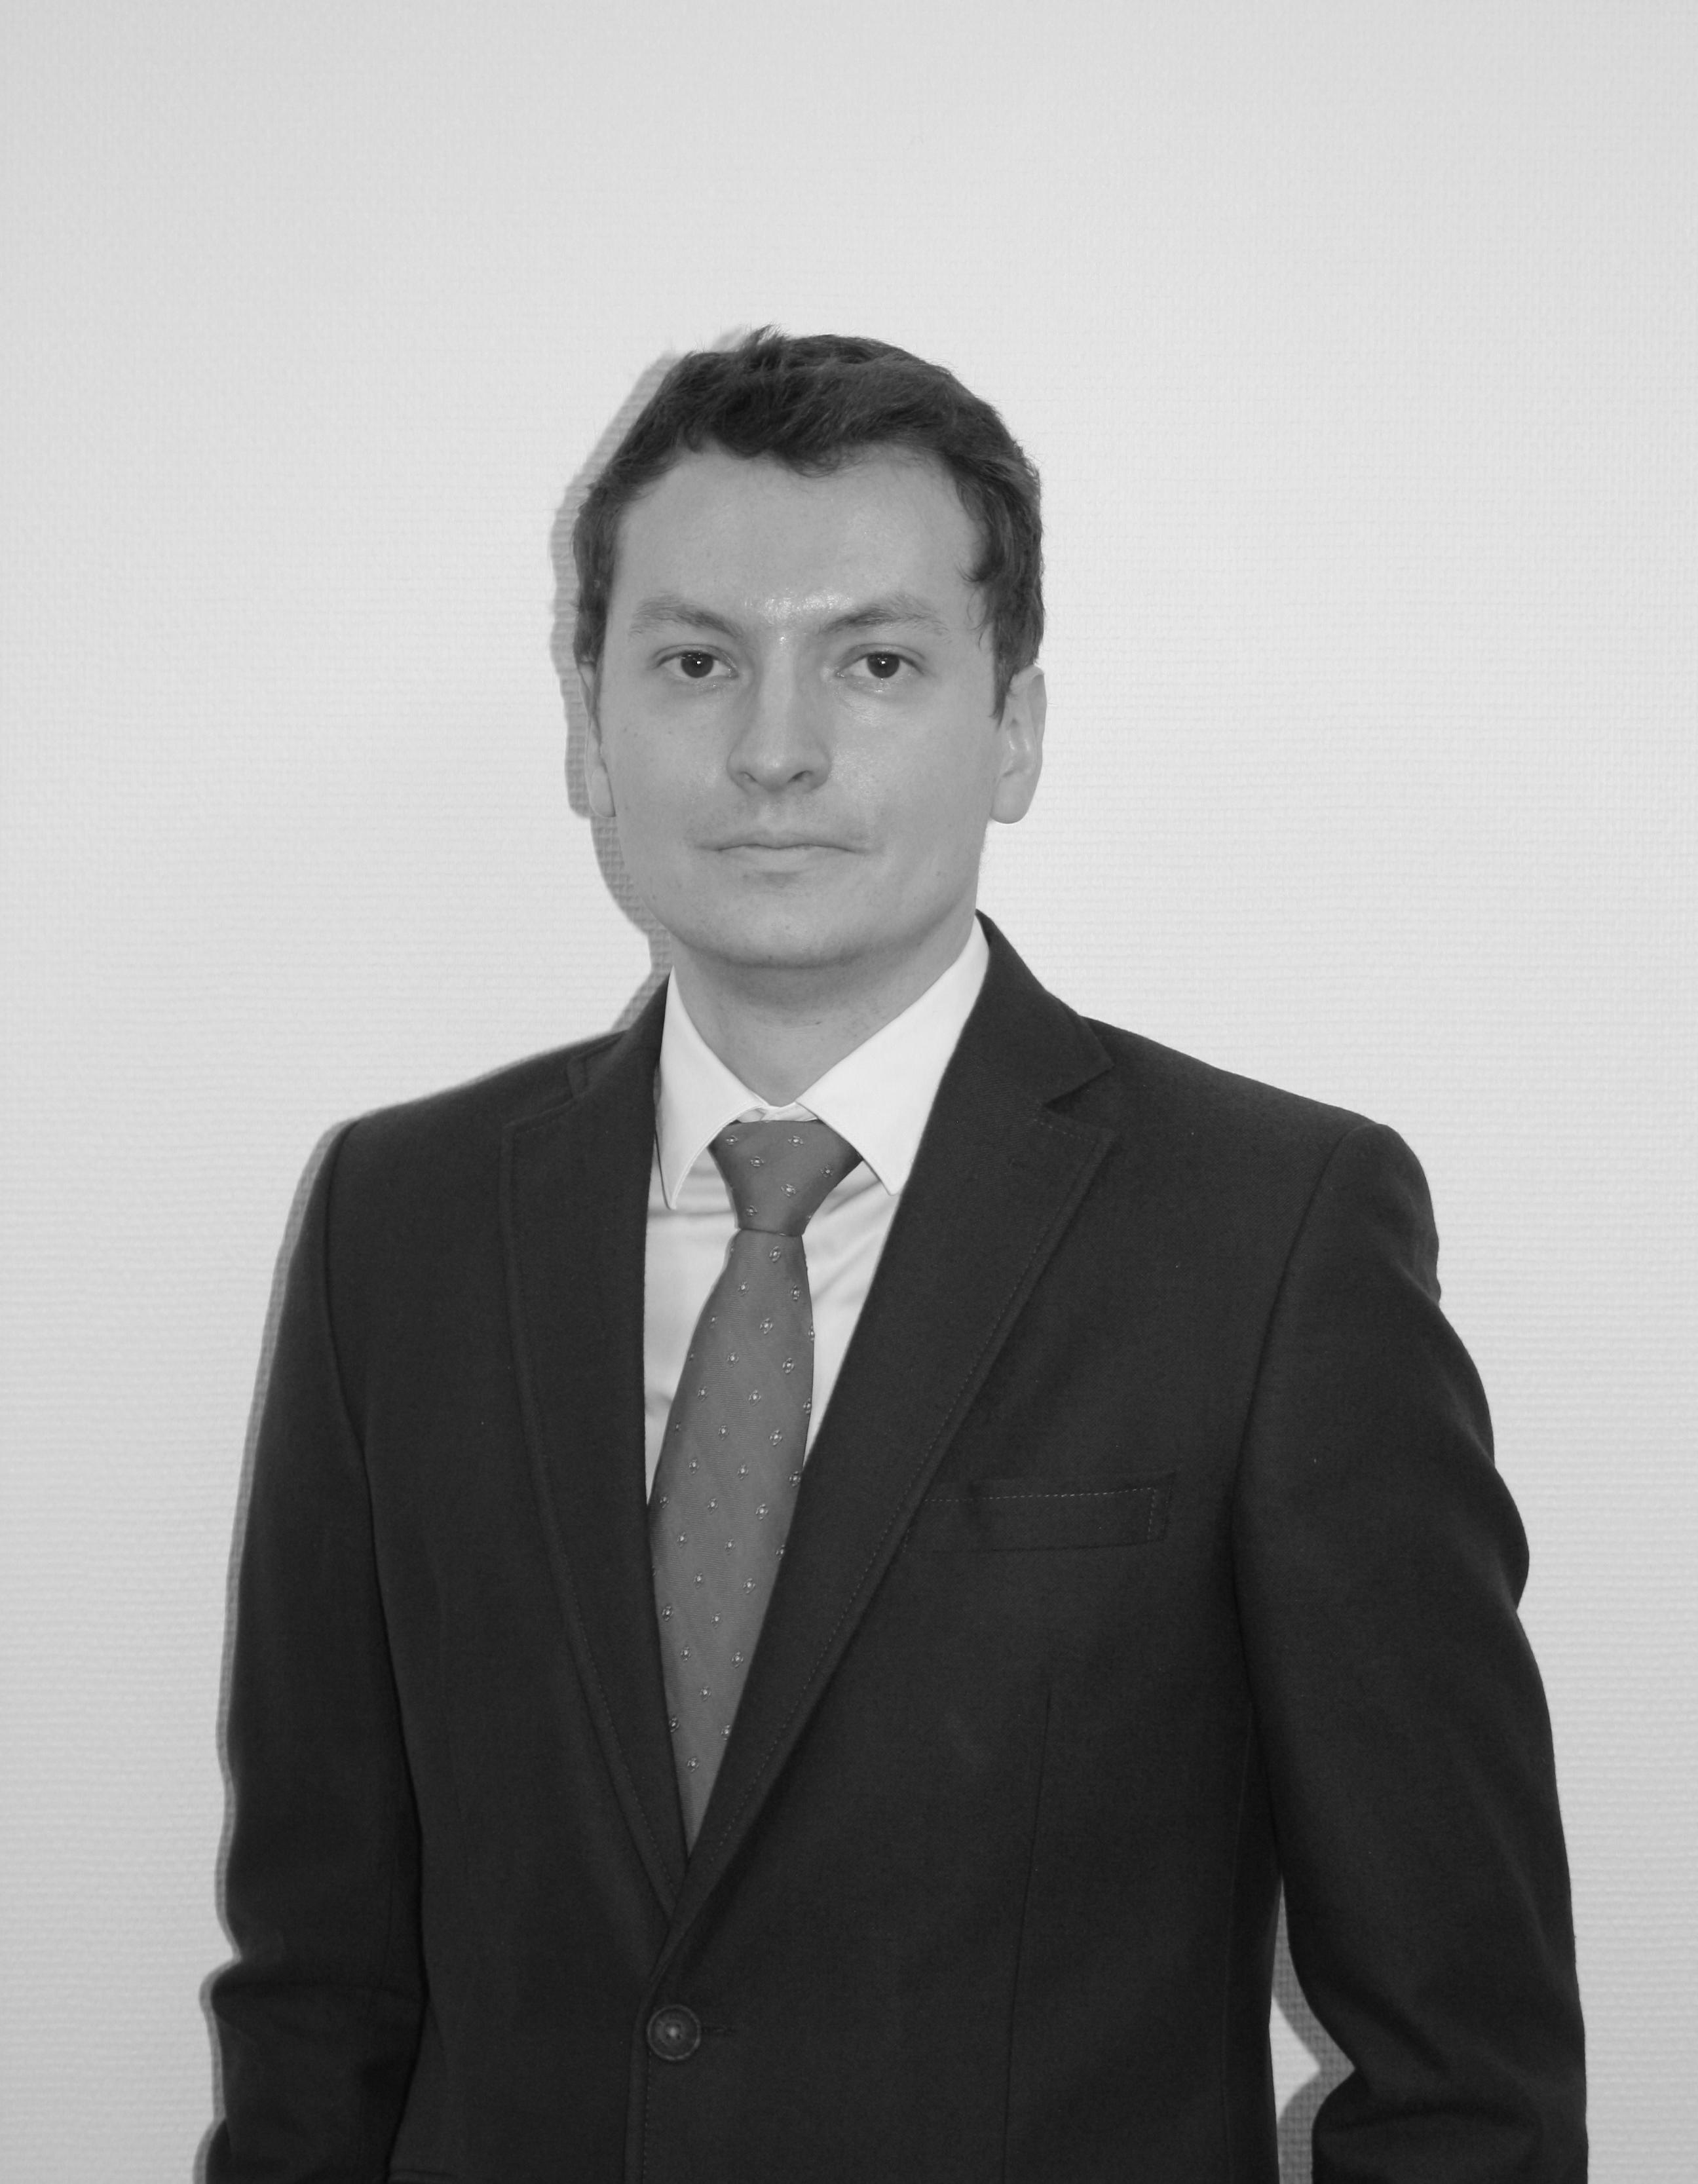 Pierre-Antoine Bourgoin